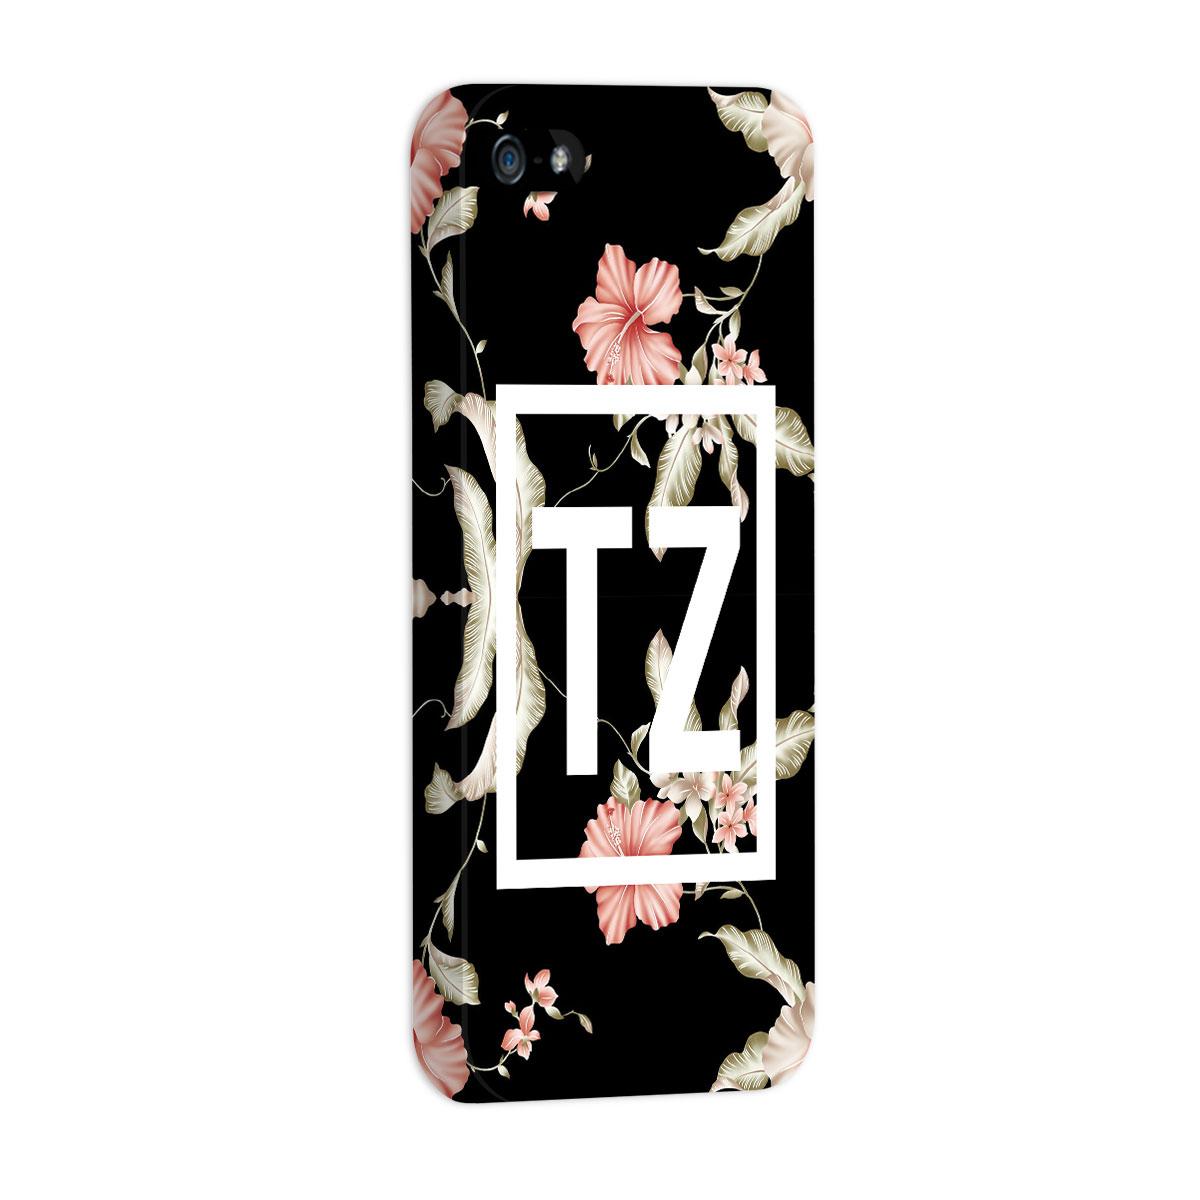 Capa para iPhone 5/5S MC Tati Zaqui Flowers